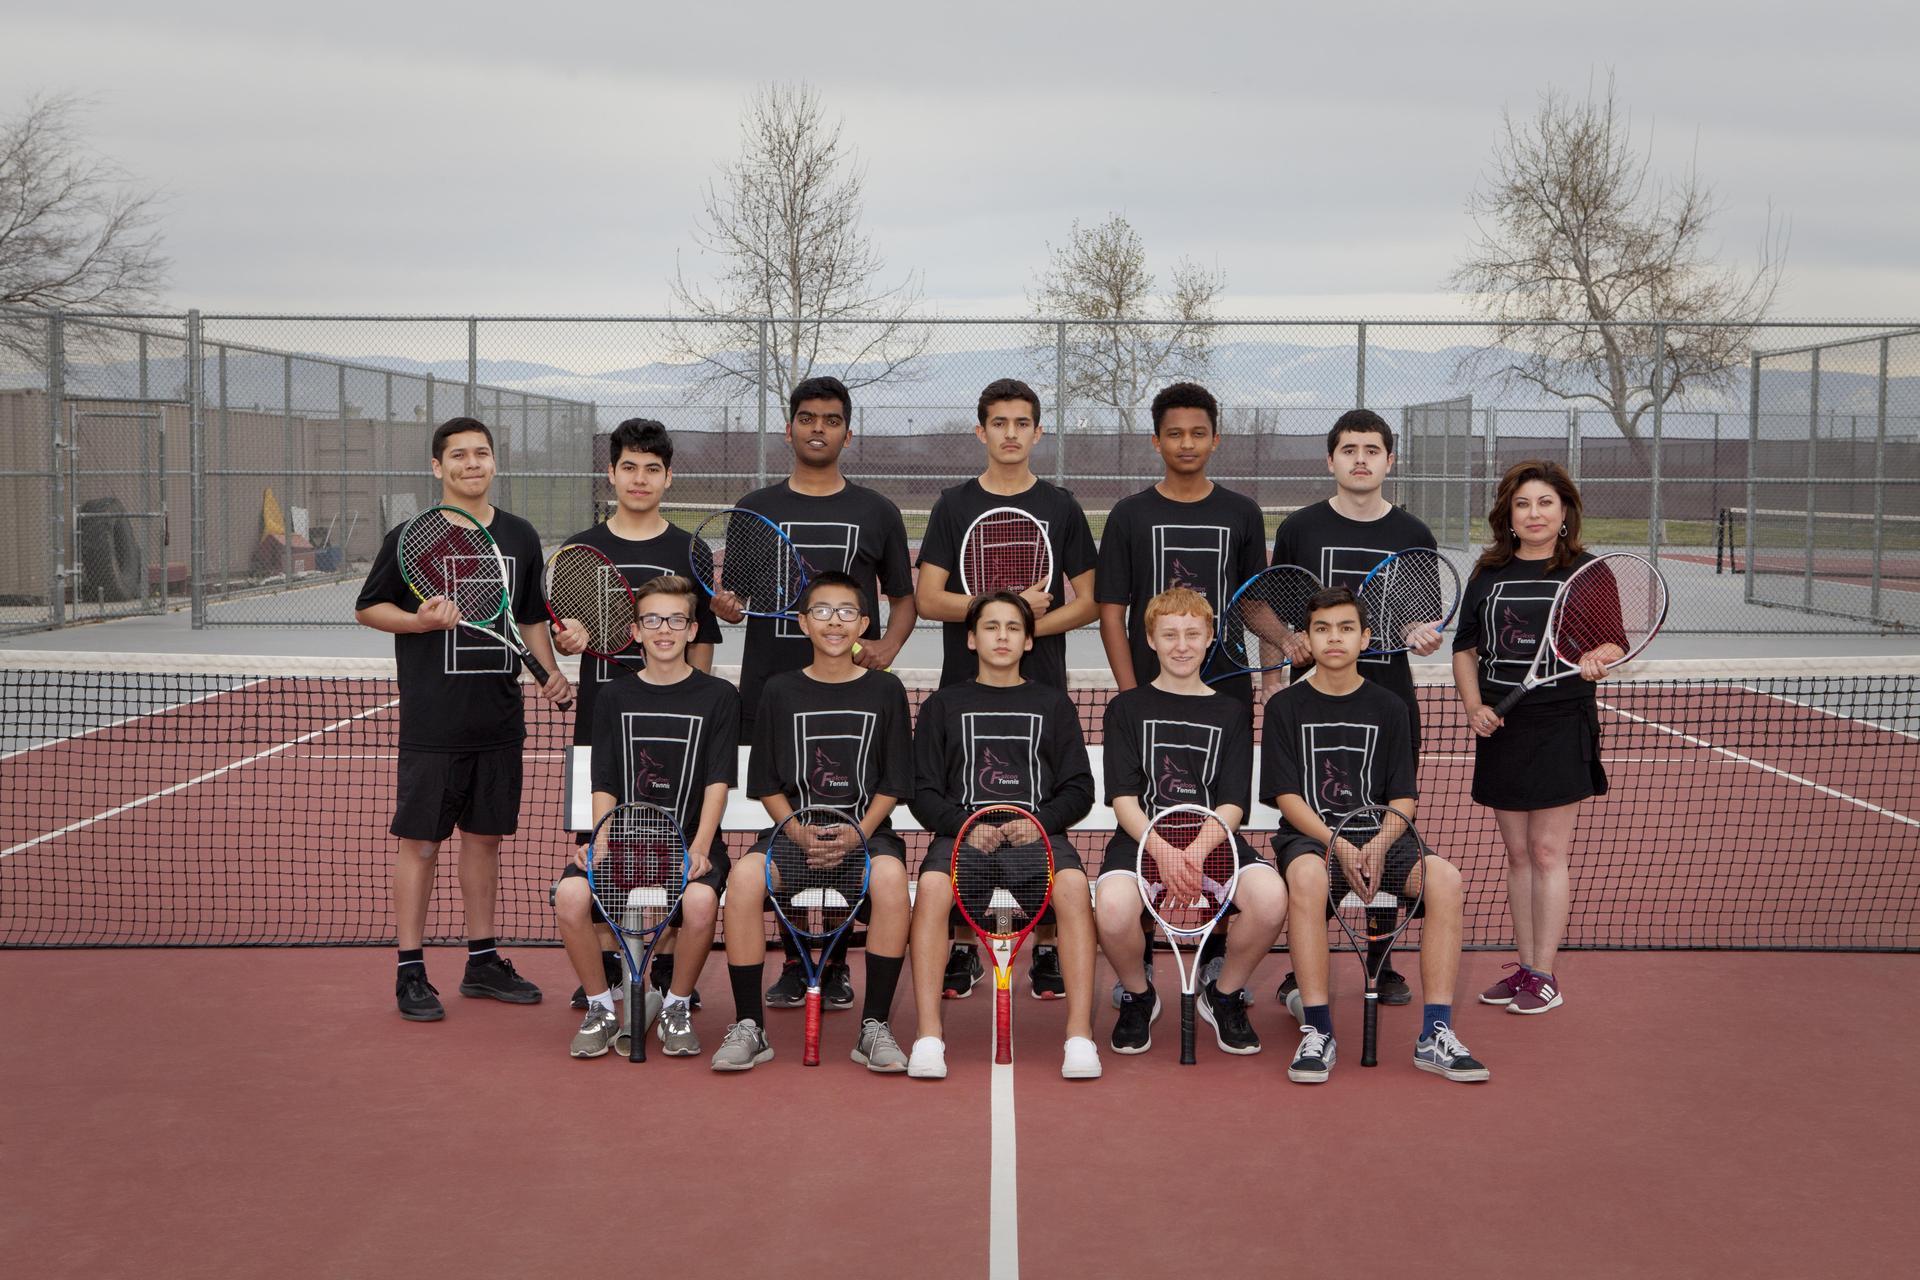 JV boys tennis 2019